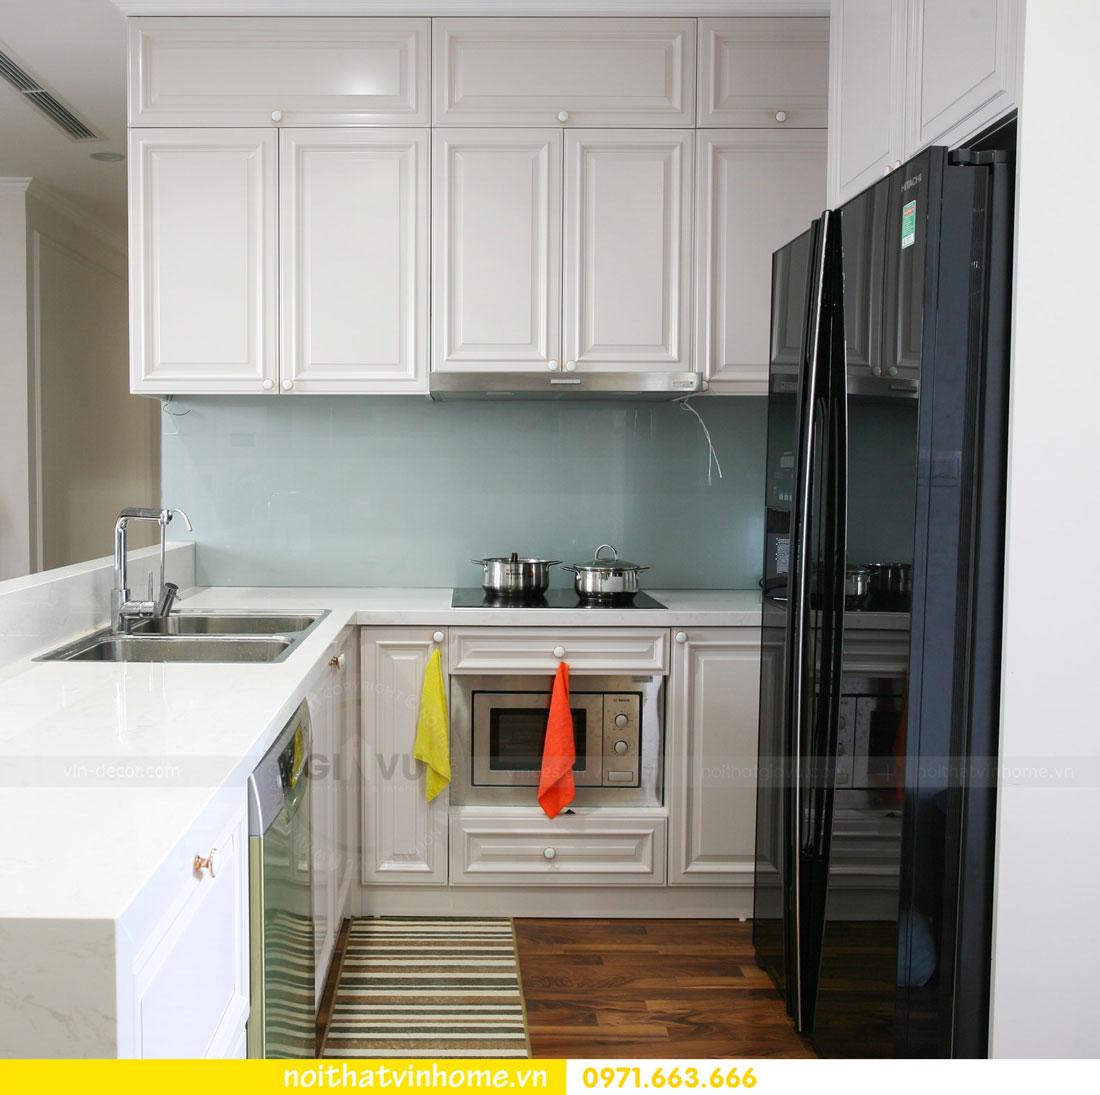 thi công nội thất căn hộ trọn gói tại chung cư DCapitale nhà anh Luân 2